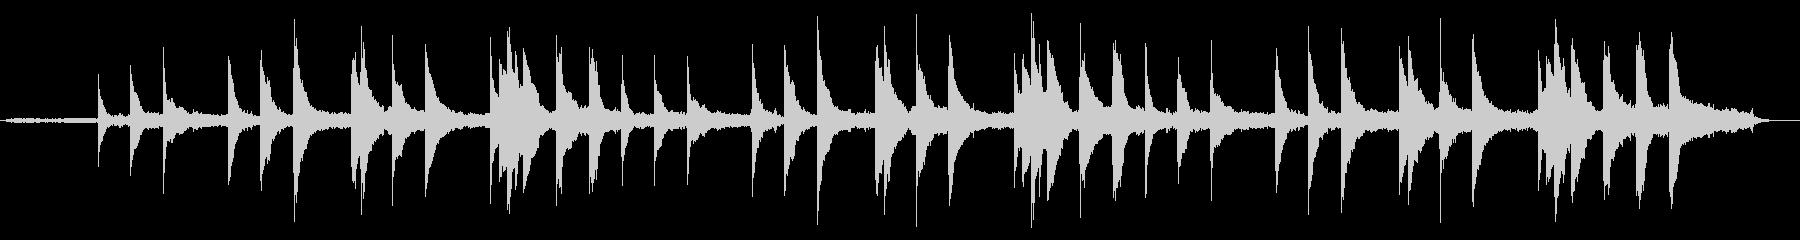 ヒーリング ピアノ バラードの未再生の波形